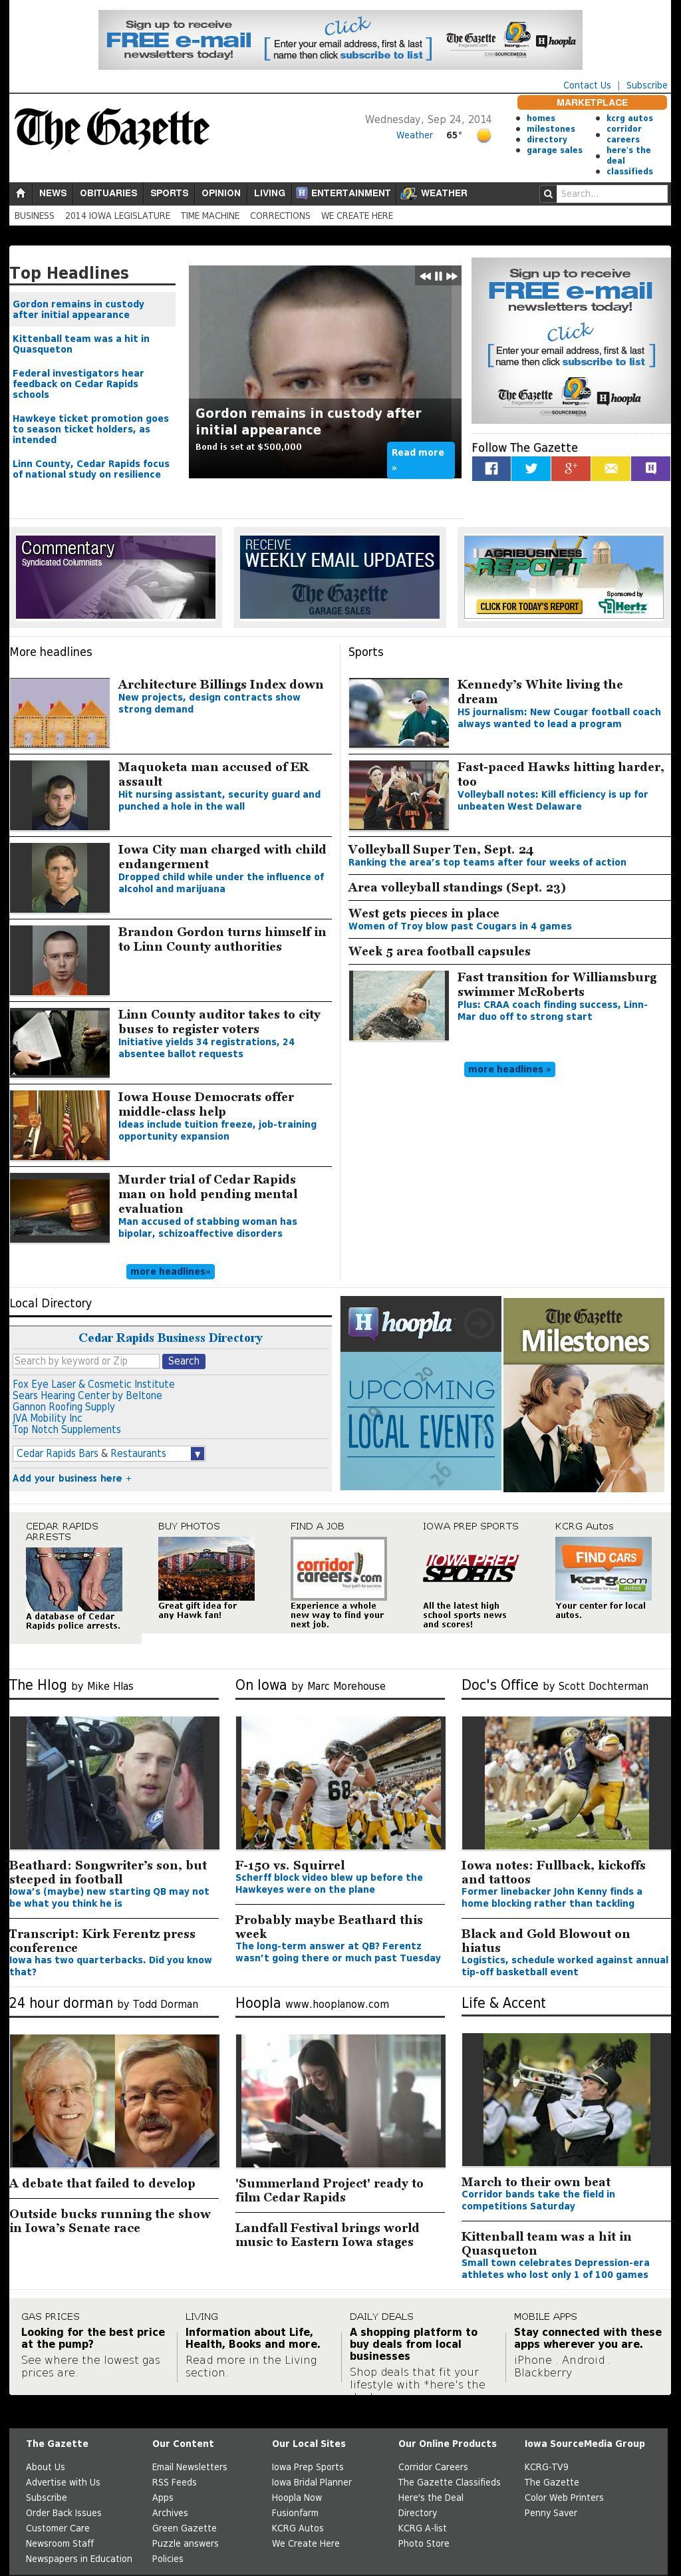 The (Cedar Rapids) Gazette at Wednesday Sept. 24, 2014, 6:04 p.m. UTC